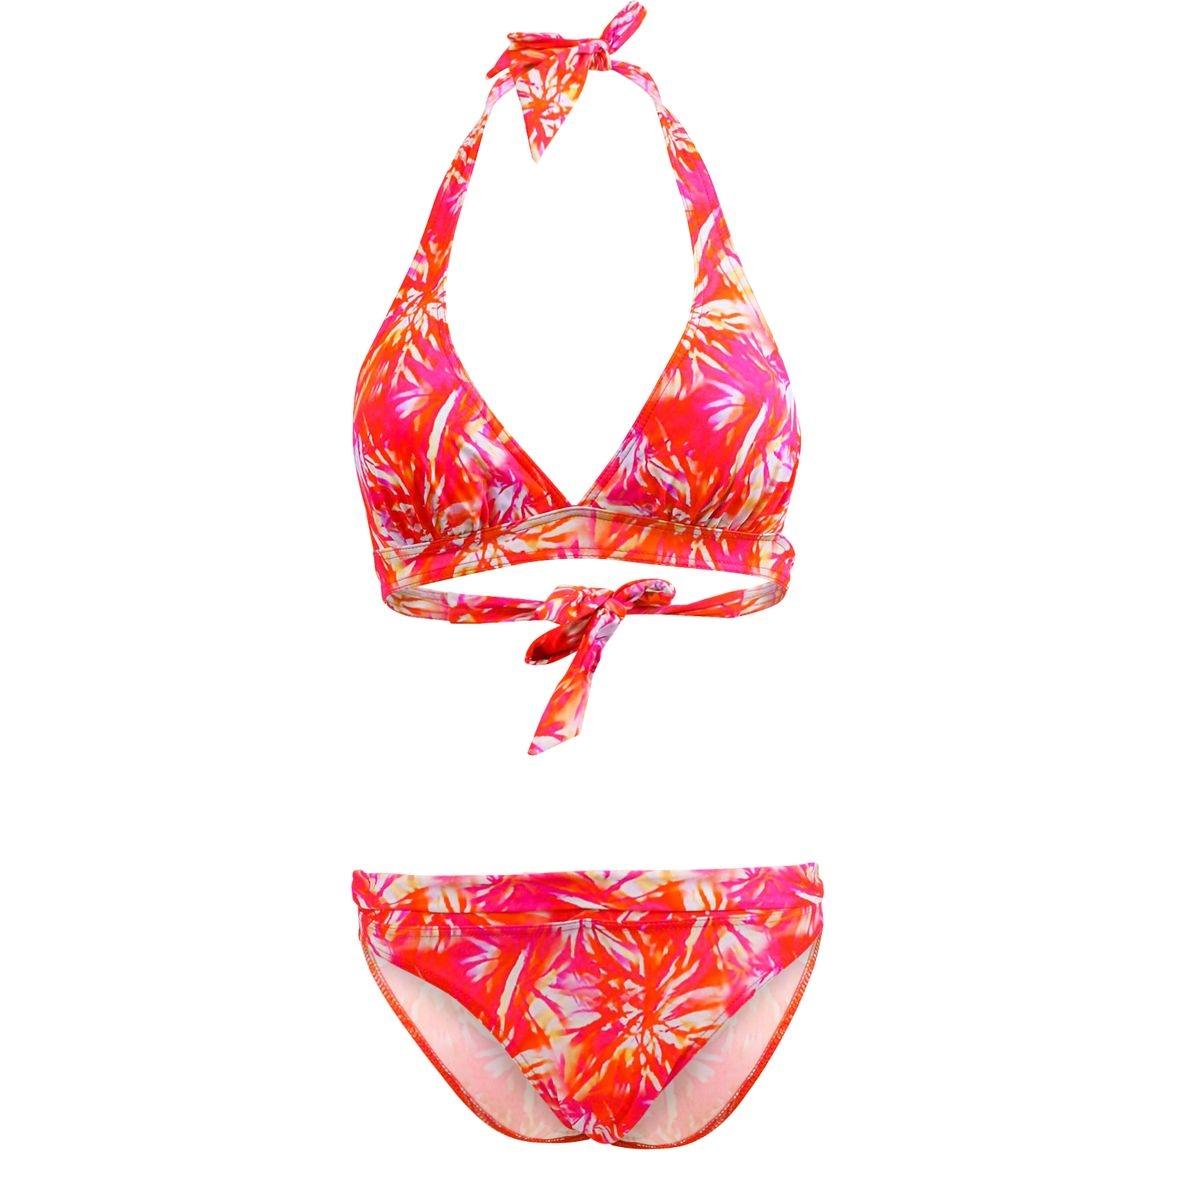 Maillot de bain 2 Pièces Triangle Soft Bonnet C Maui